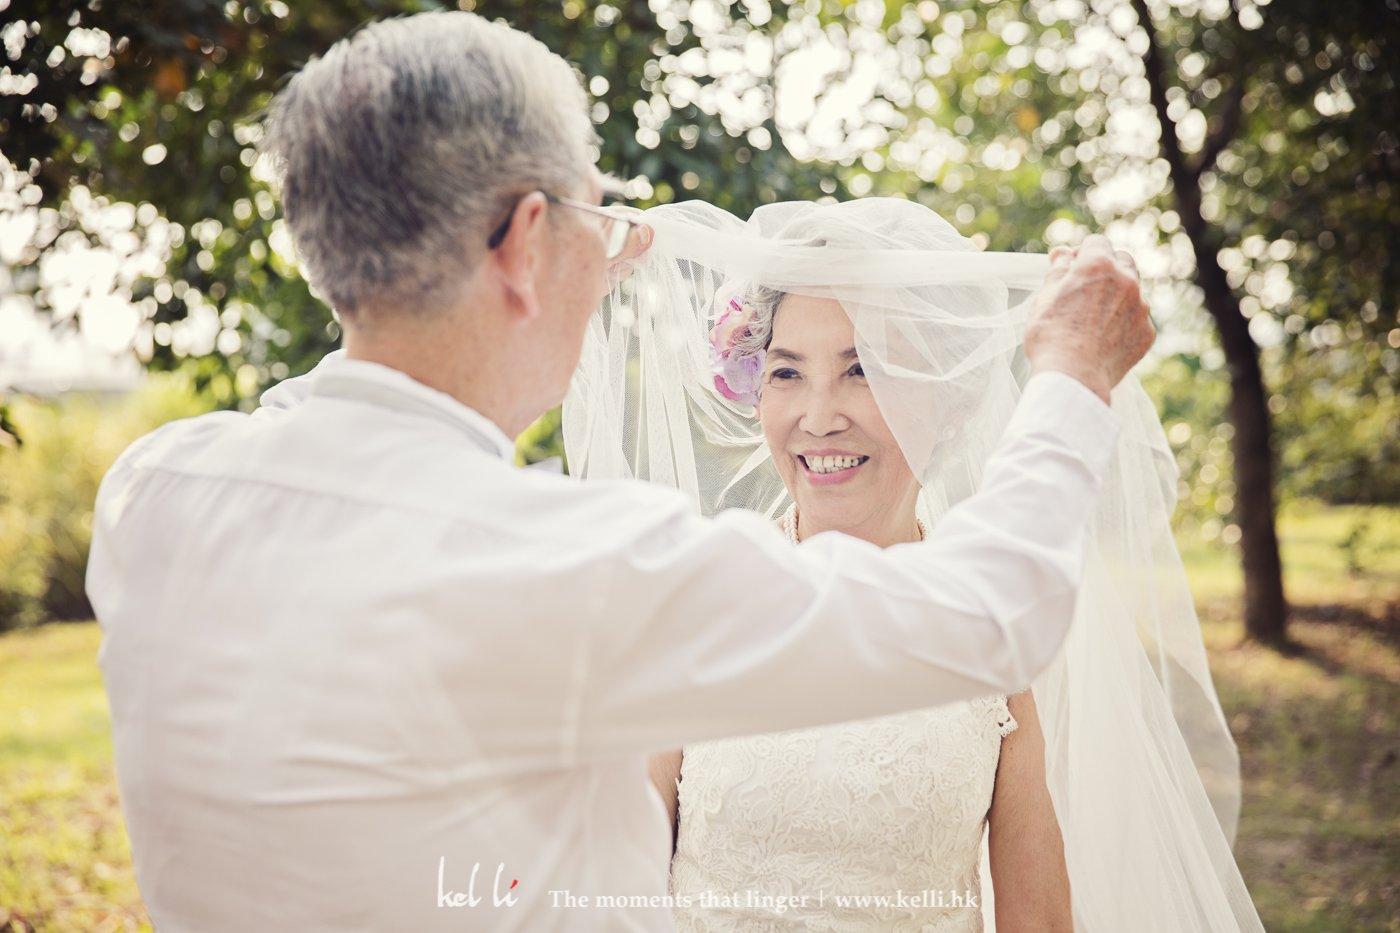 總是覺得掀頭紗浪漫、是感動的,當年杜伯伯與杜太太並沒有拍過婚紗,更沒有進行西式儀式,所以趁這次拍攝實現這畫面